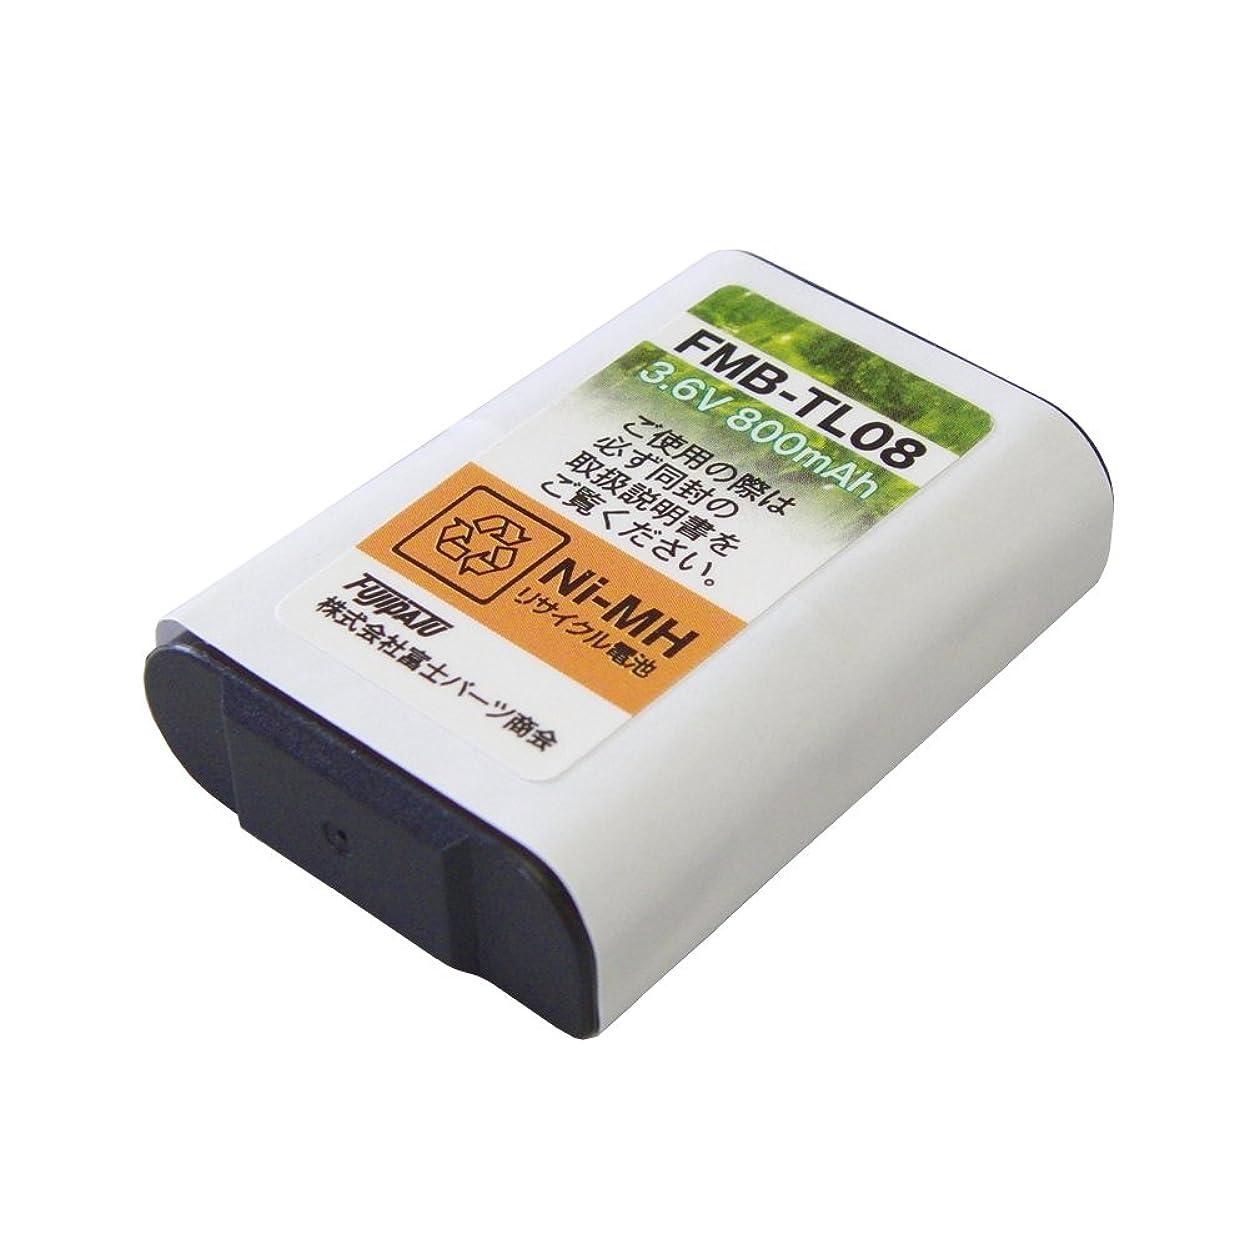 フォーマル曲げる配送パナソニックコードレスホン子機用充電池【KX-FAN50同等品】 大容量800mAh